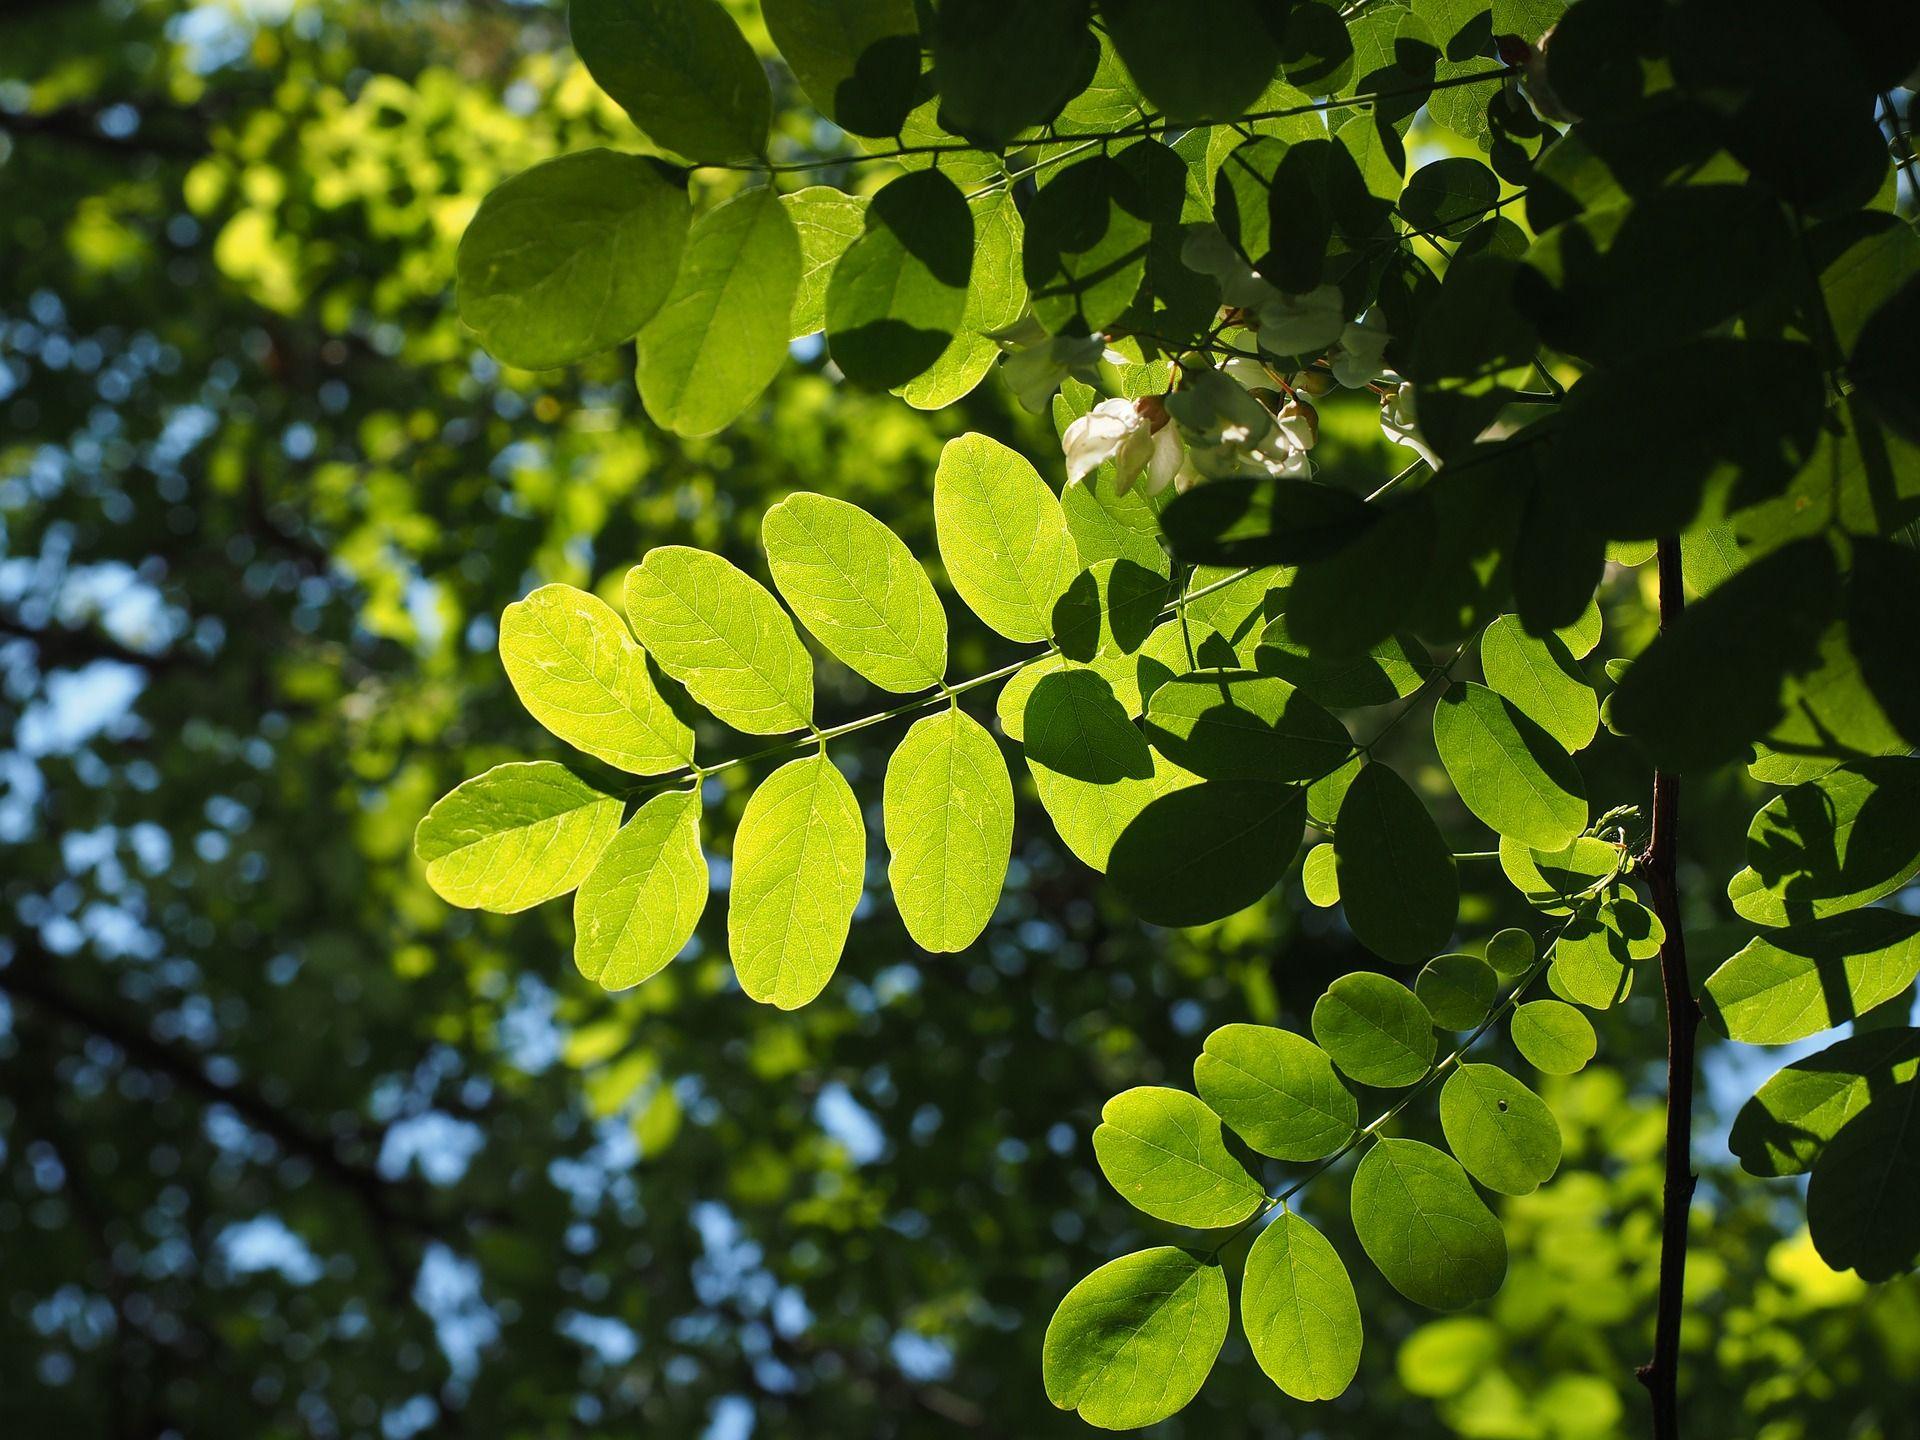 """Als """"hochgradig riskante, wenn nicht sogar spekulative Kapitalanlagen"""" bezeichneten Fachanwälte die Lignum-Edelholzinvestments in Bulgarien. Vielen der 5.000 geschädigten Anleger war das nicht bewusst. Im Bild Blätter des Edelholzbaumes Robinie. / Foto: Pixabay"""